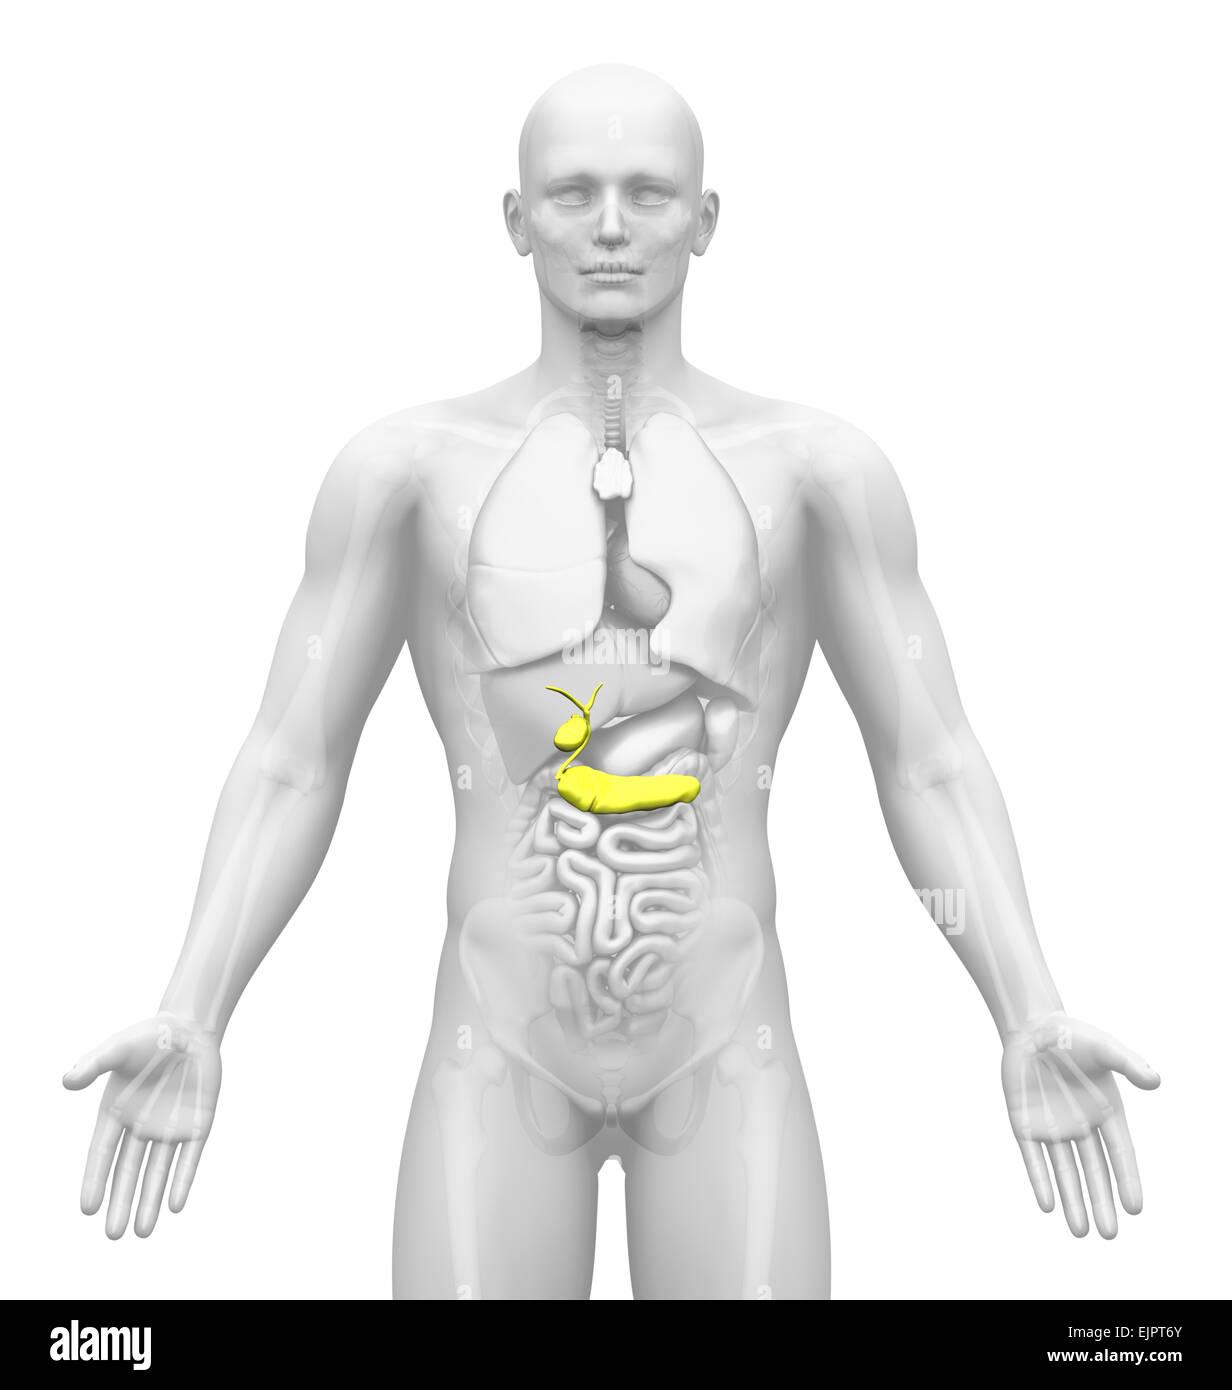 Male Pancreas Stockfotos & Male Pancreas Bilder - Alamy